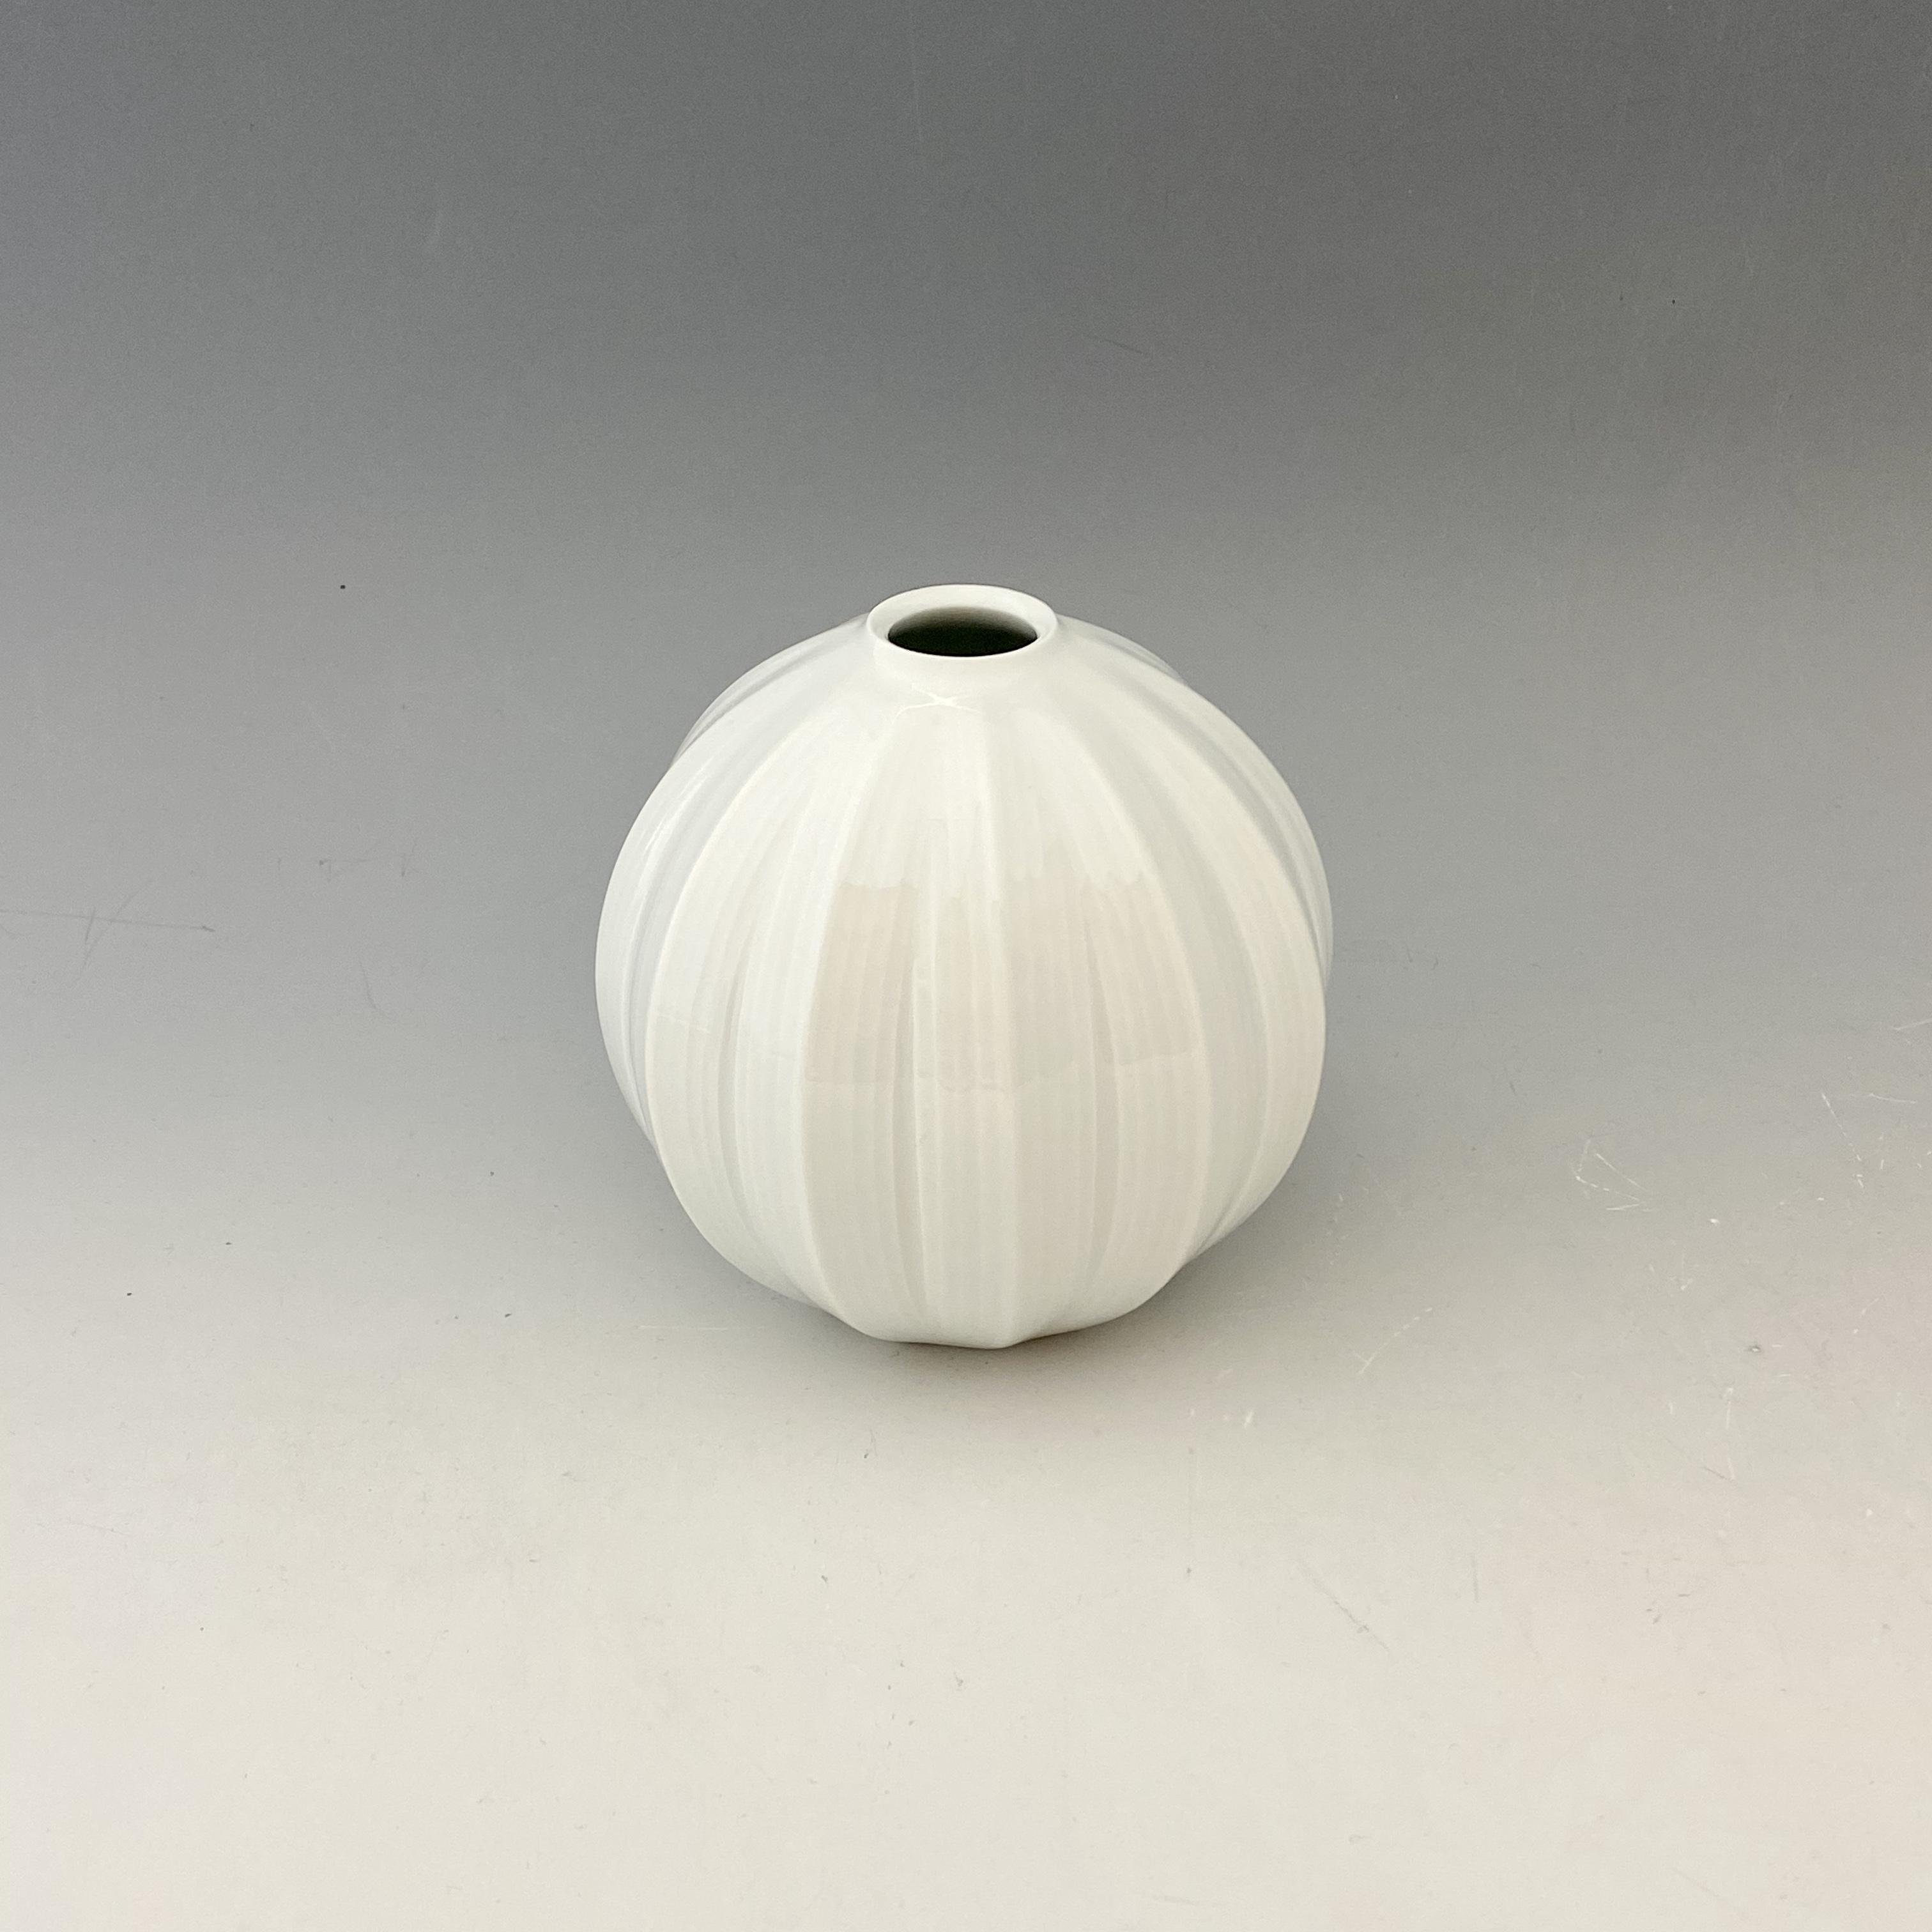 【中尾純】白磁面取線彫壺